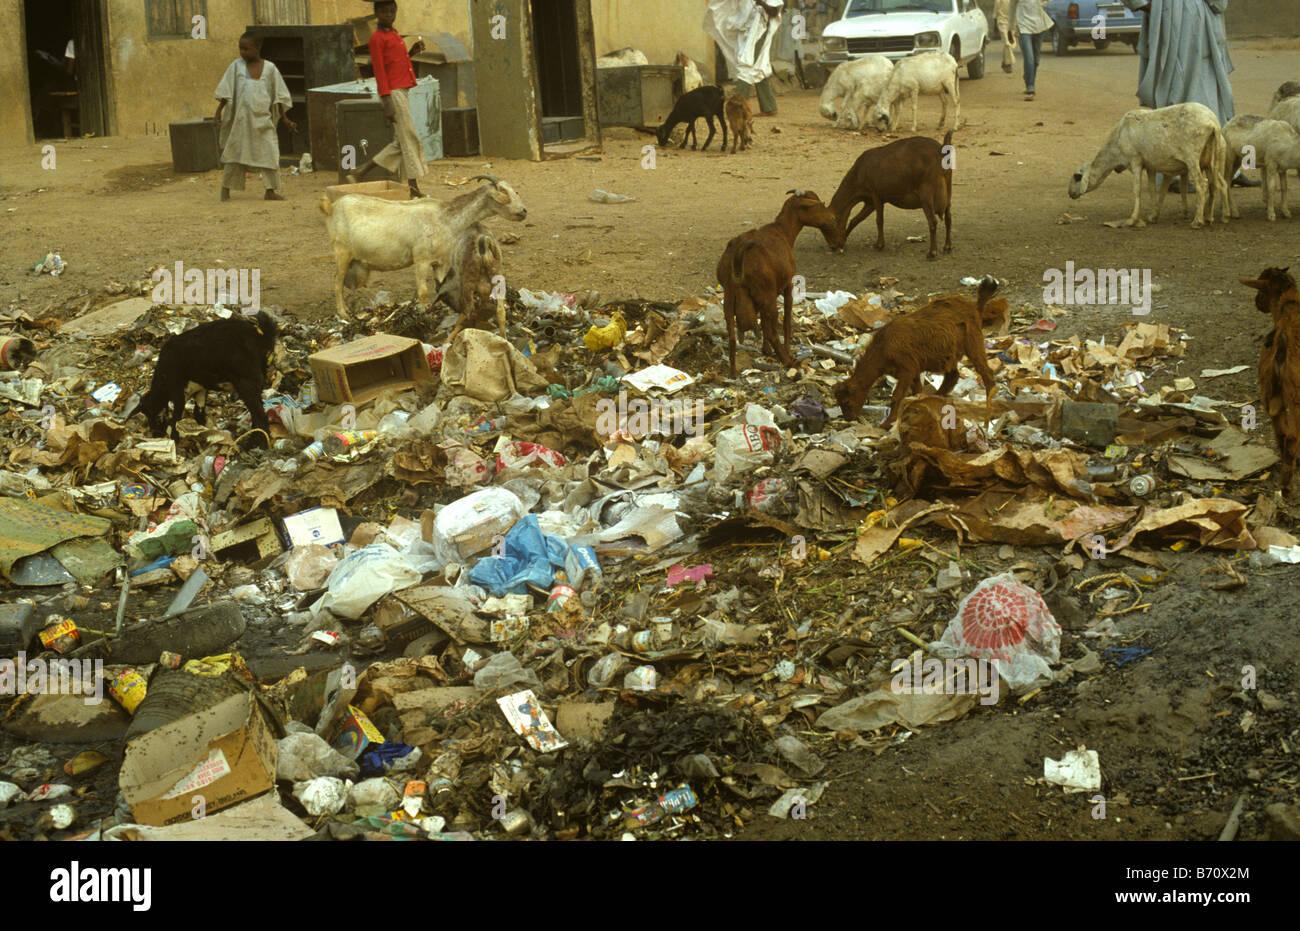 Les déchets domestiques et d'ordures dans les rues d'une ville du Nigeria Photo Stock